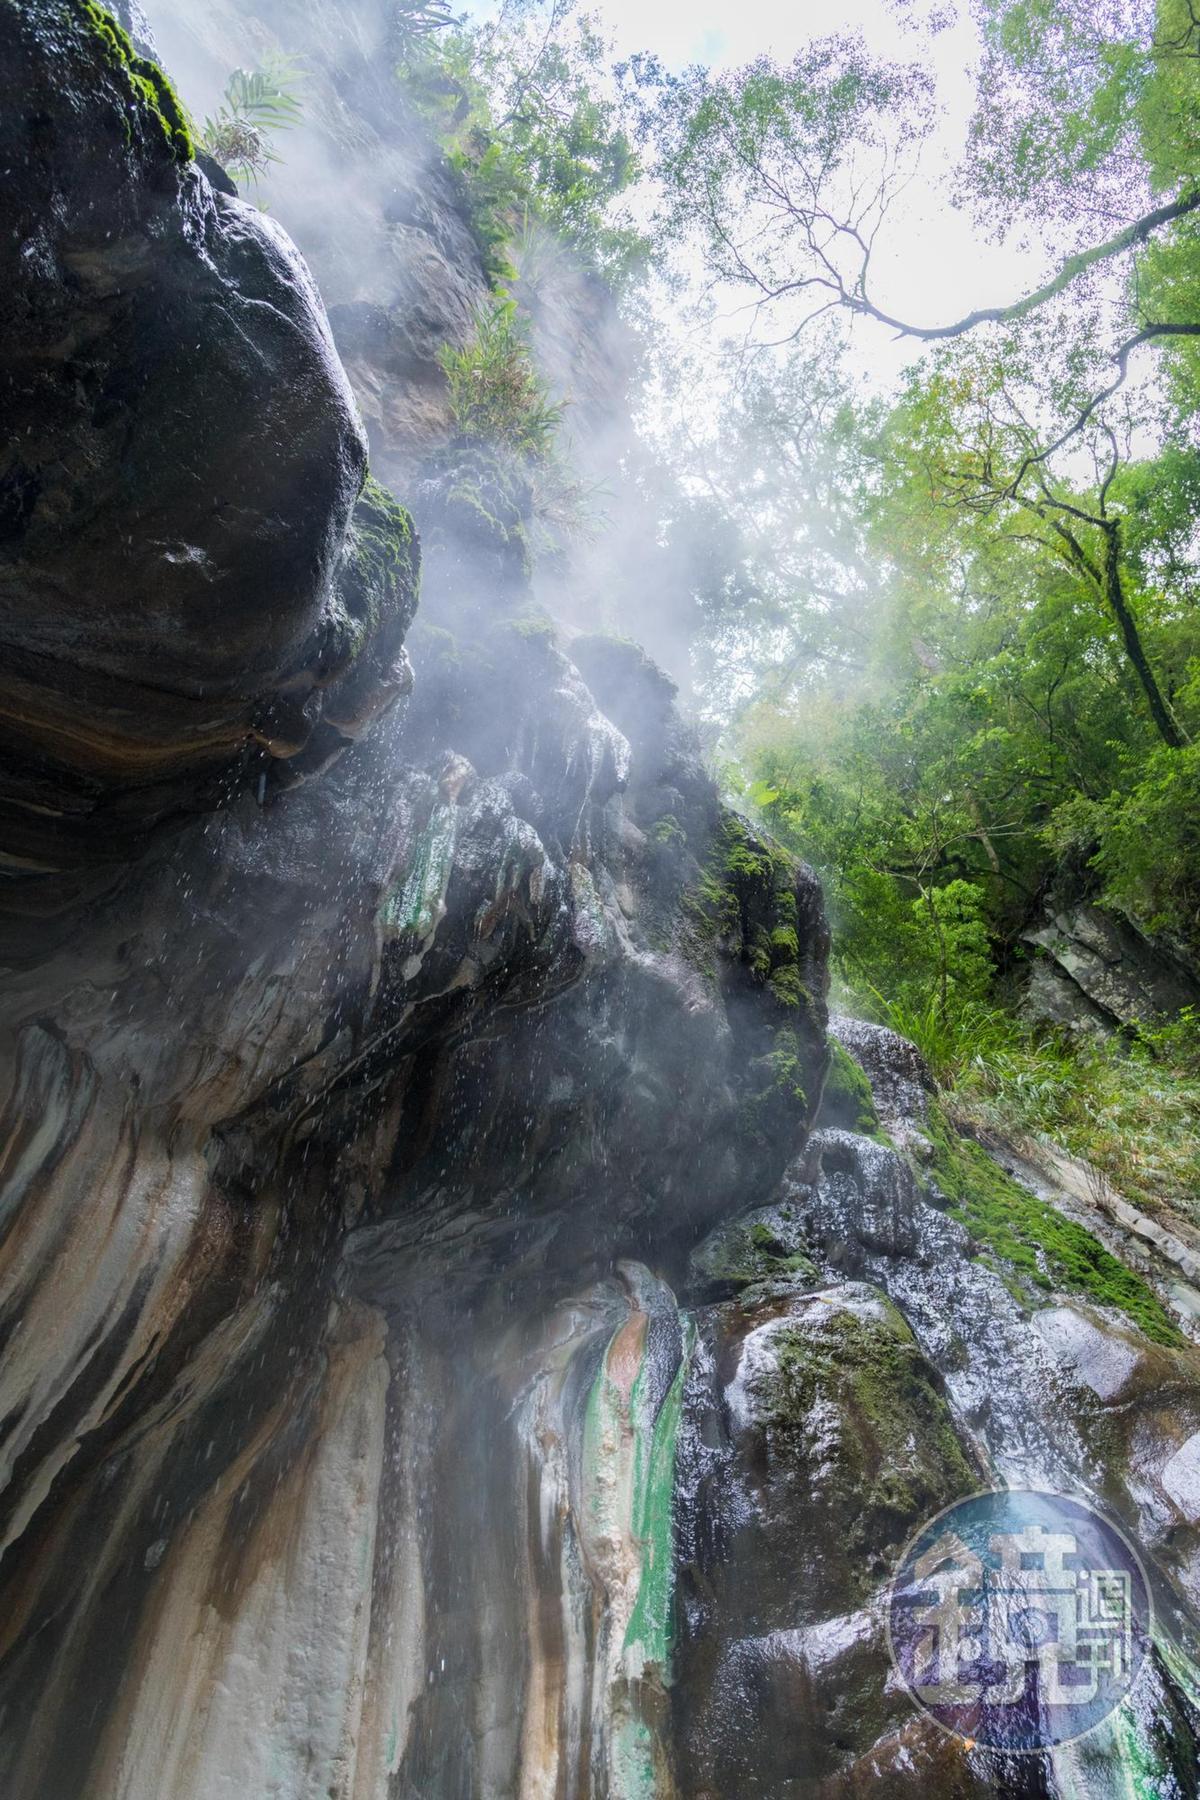 溪水由上方石壁緩緩流下。